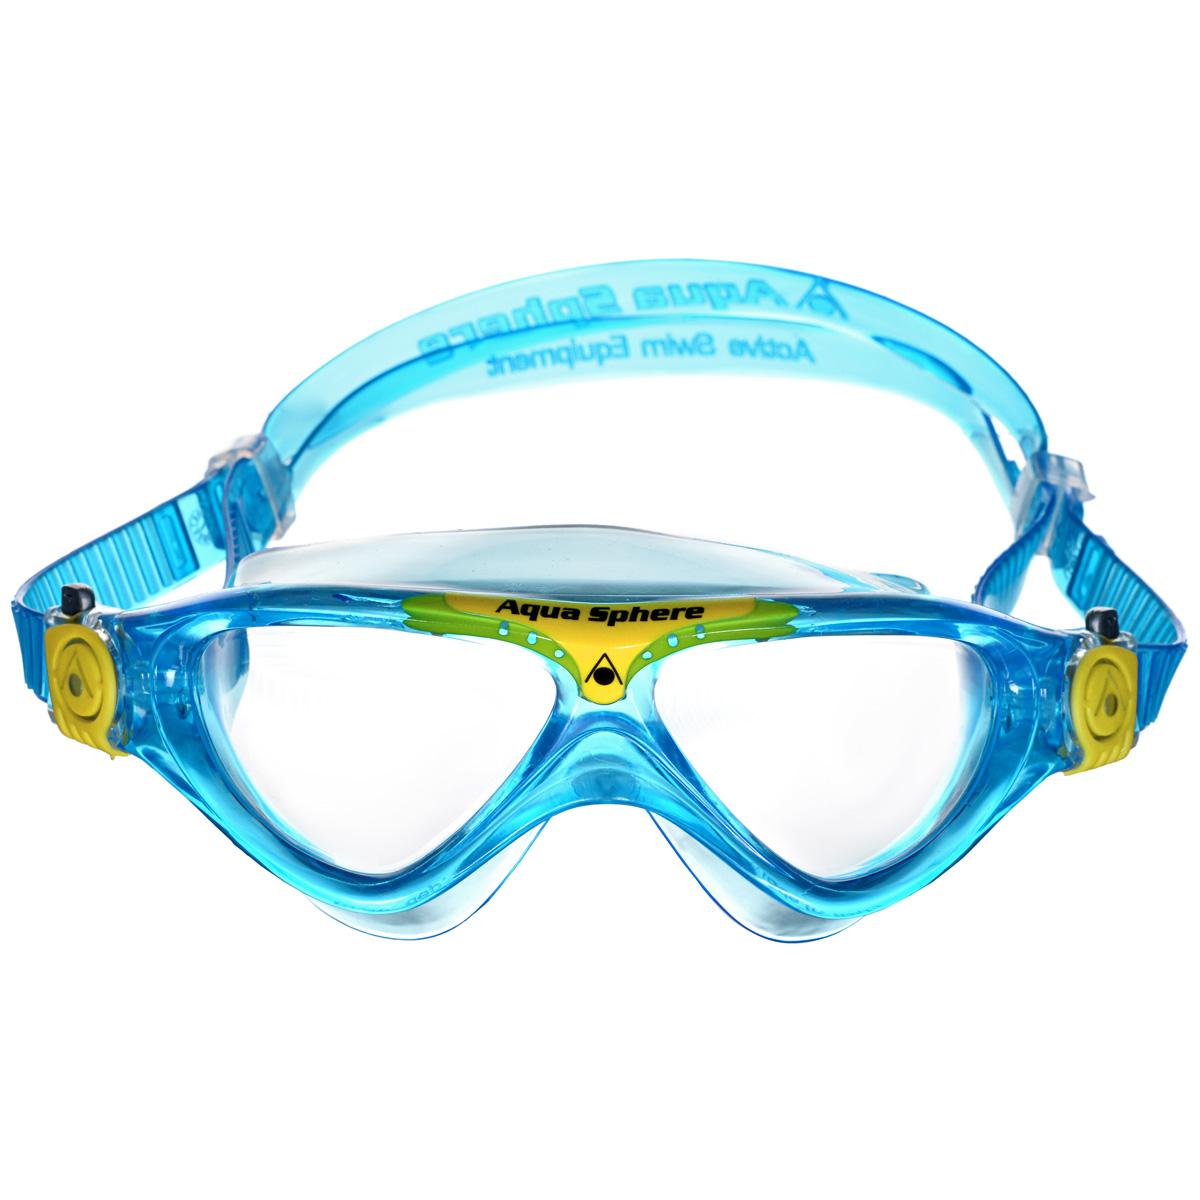 Очки для плавания Aqua Sphere Vista Junior, цвет: аквамарин, желтыйTN 169760Модные и стильные очки для плавания Aqua Sphere Vista Junior идеально подходят для плавания в бассейне или открытой воде. Оснащены линзами с антизапотевающим покрытием, которые устойчивы к появлению царапин. Мягкий комфортный обтюратор плотно прилегает к лицу. Запатентованные изогнутые линзы дают прекрасный обзор на 180° - без искажений. Очки дают 100% защиту от ультрафиолетового излучения спектра А и спектра В. Материал: плексисол, силикон.